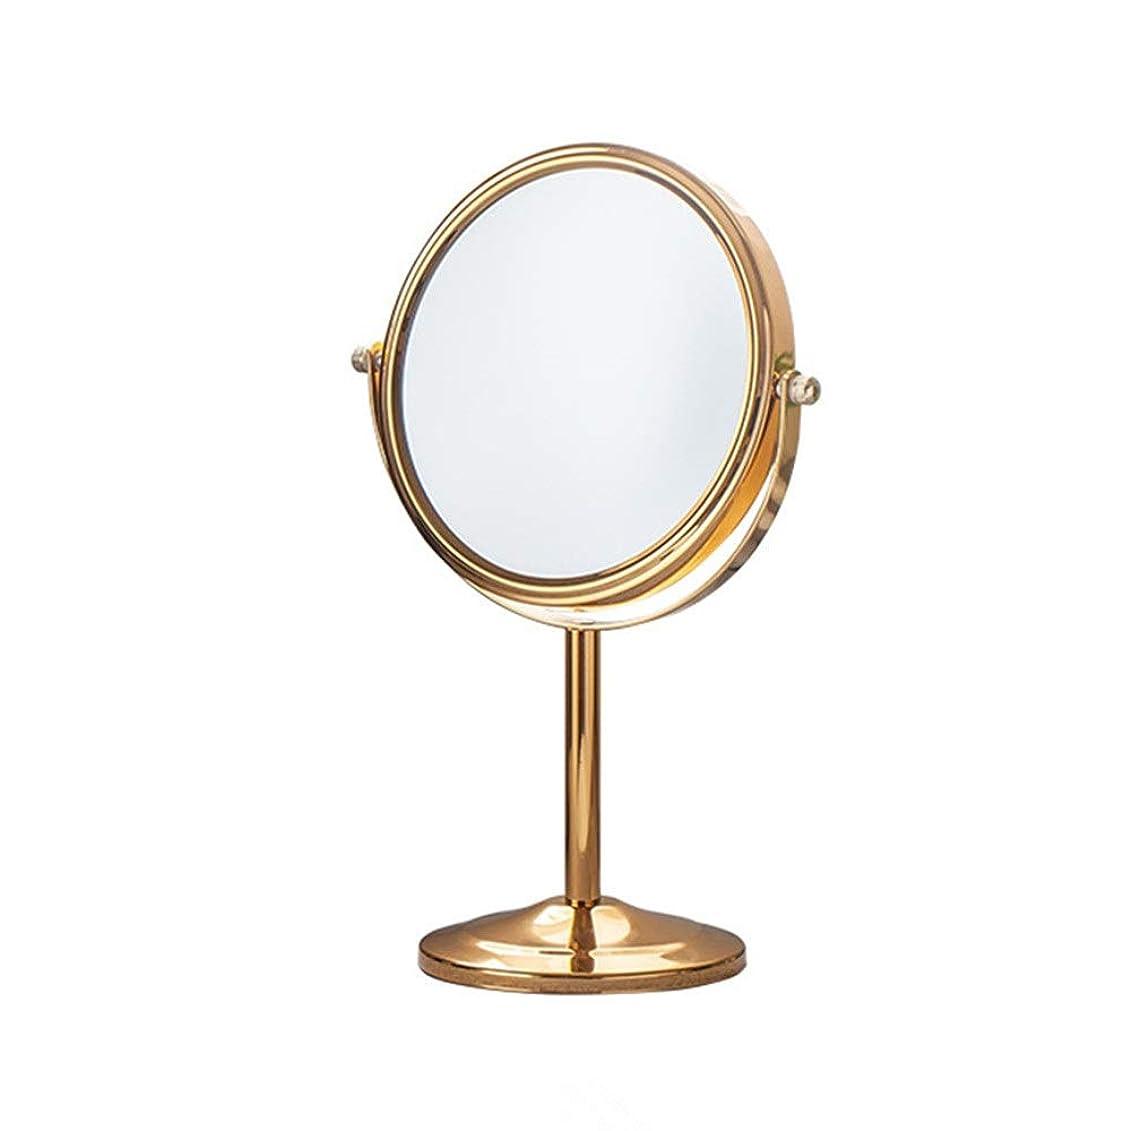 直感タッチ消去化粧ミラー 鏡 卓上化粧鏡/ポータブル両面ミラー/ 2Xと拡大スポットミラー/ホームアンドホテルのために360°回転 浴室鏡 (色 : ゴールド, サイズ : 17cm)